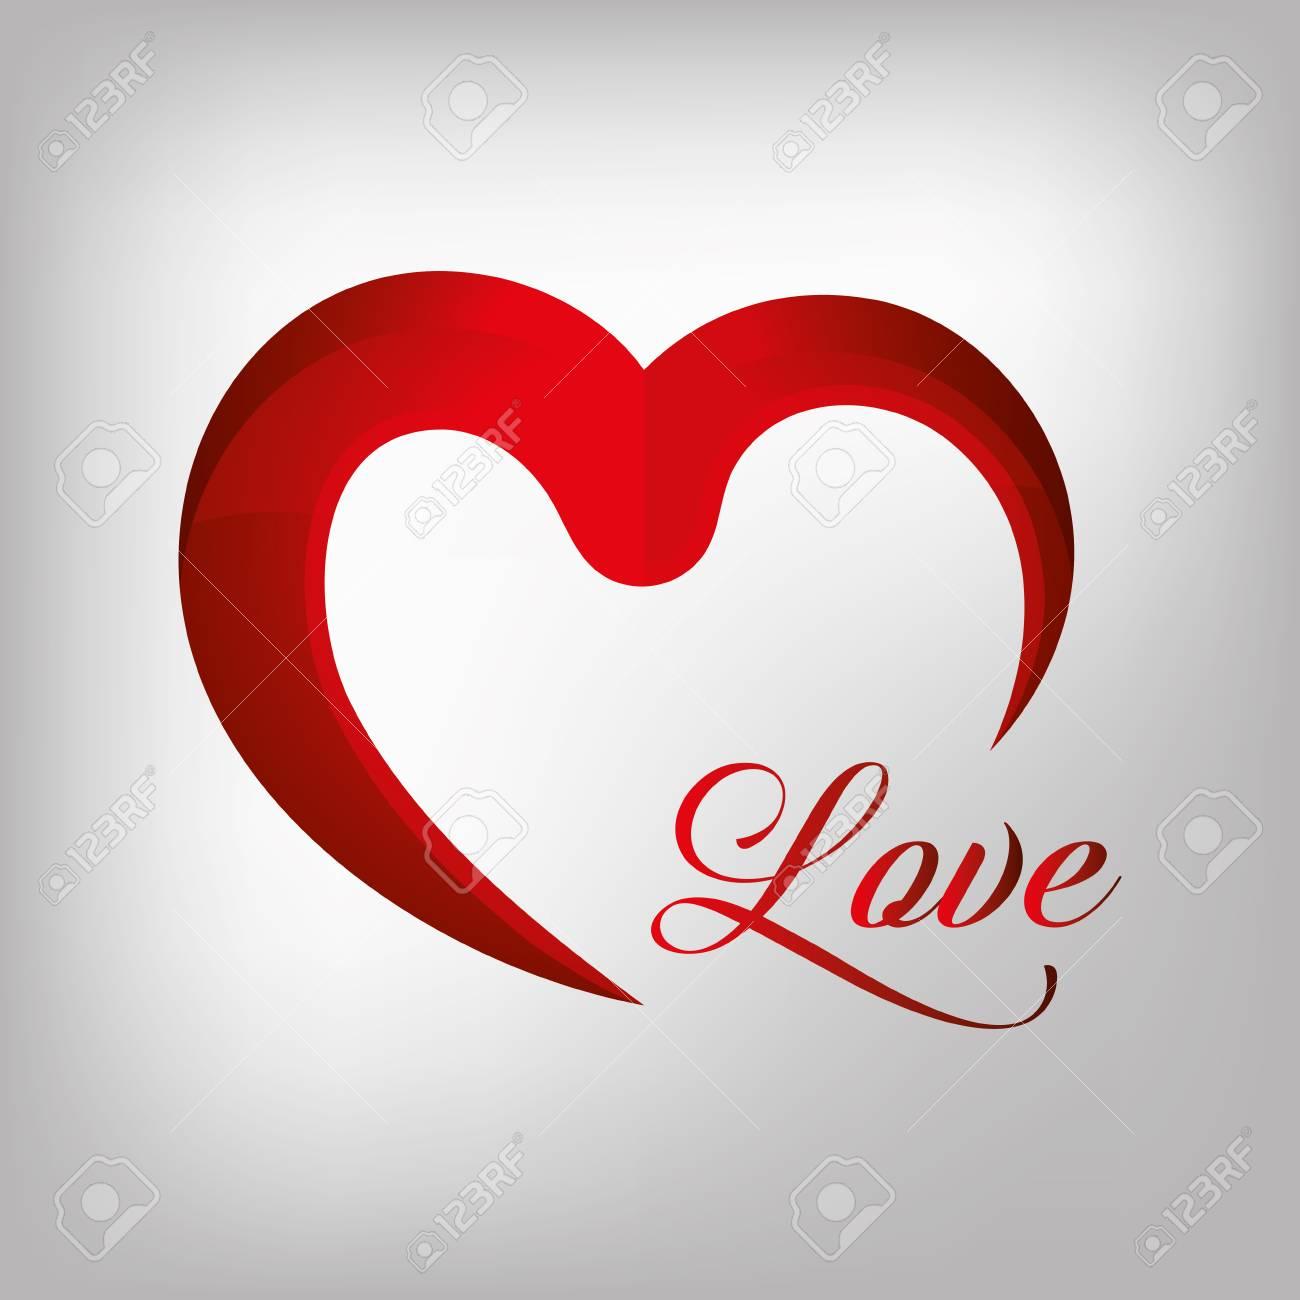 Icono Del Amor Del Corazón Ilustración Vectorial De Diseño Gráfico